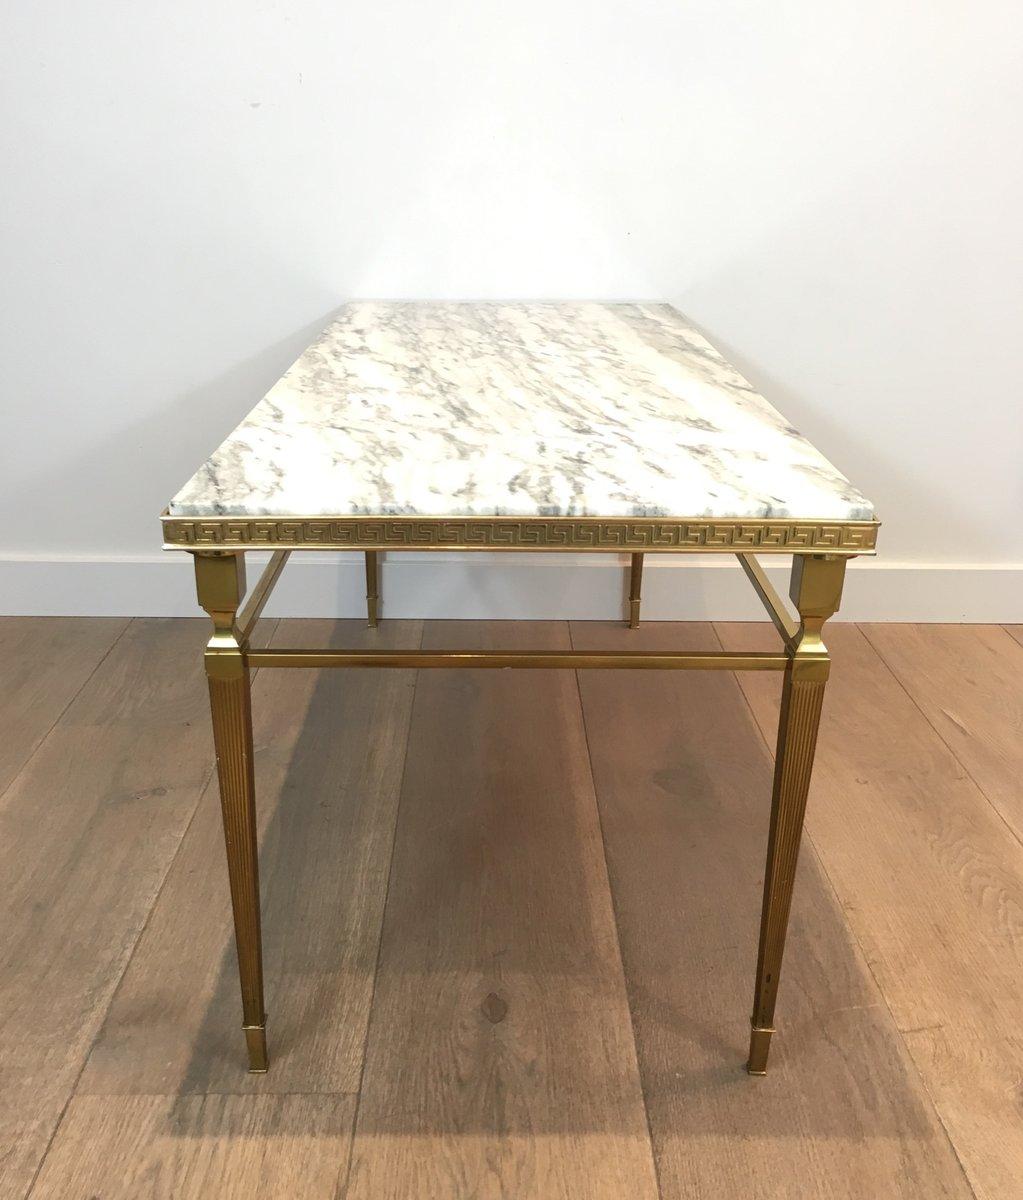 table basse en laiton et marbre avec frise grecque 1940s en vente sur pamono. Black Bedroom Furniture Sets. Home Design Ideas